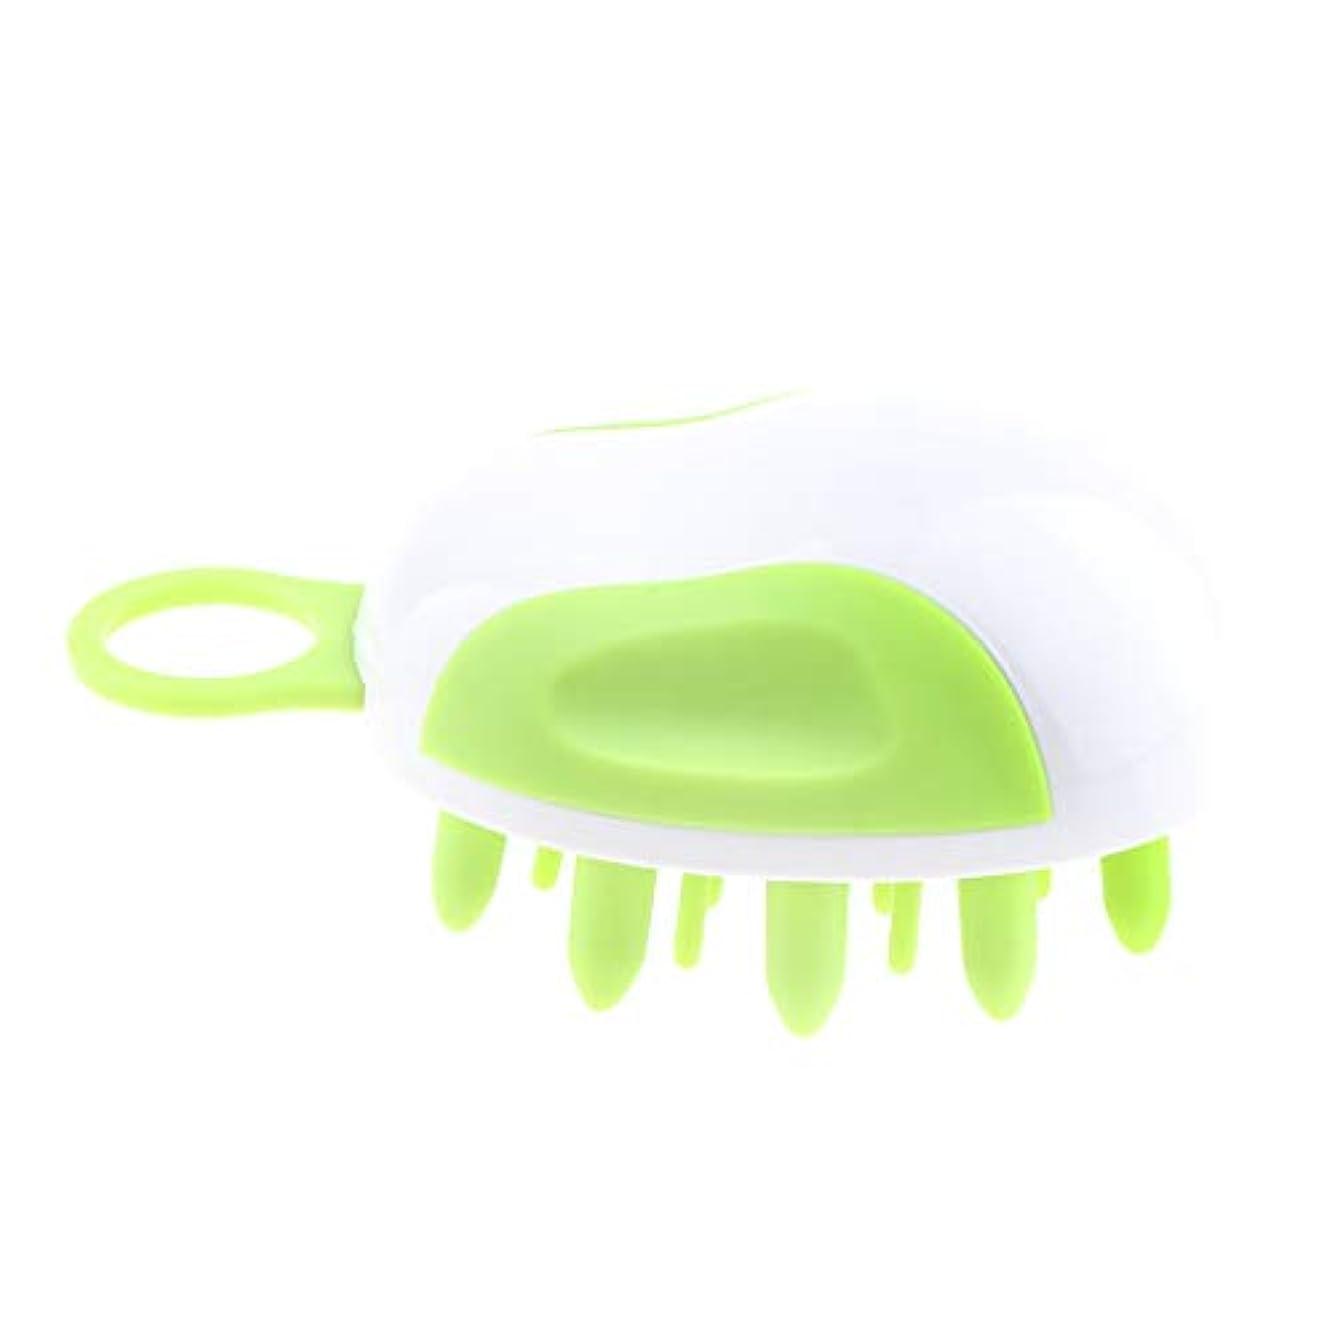 振り向くシンボル複製シャンプーブラシ 角質除去 ヘアダイコーム ヘアブラシ 頭皮マッサージャー ヘアカラーリング用品 全2カラー - 緑